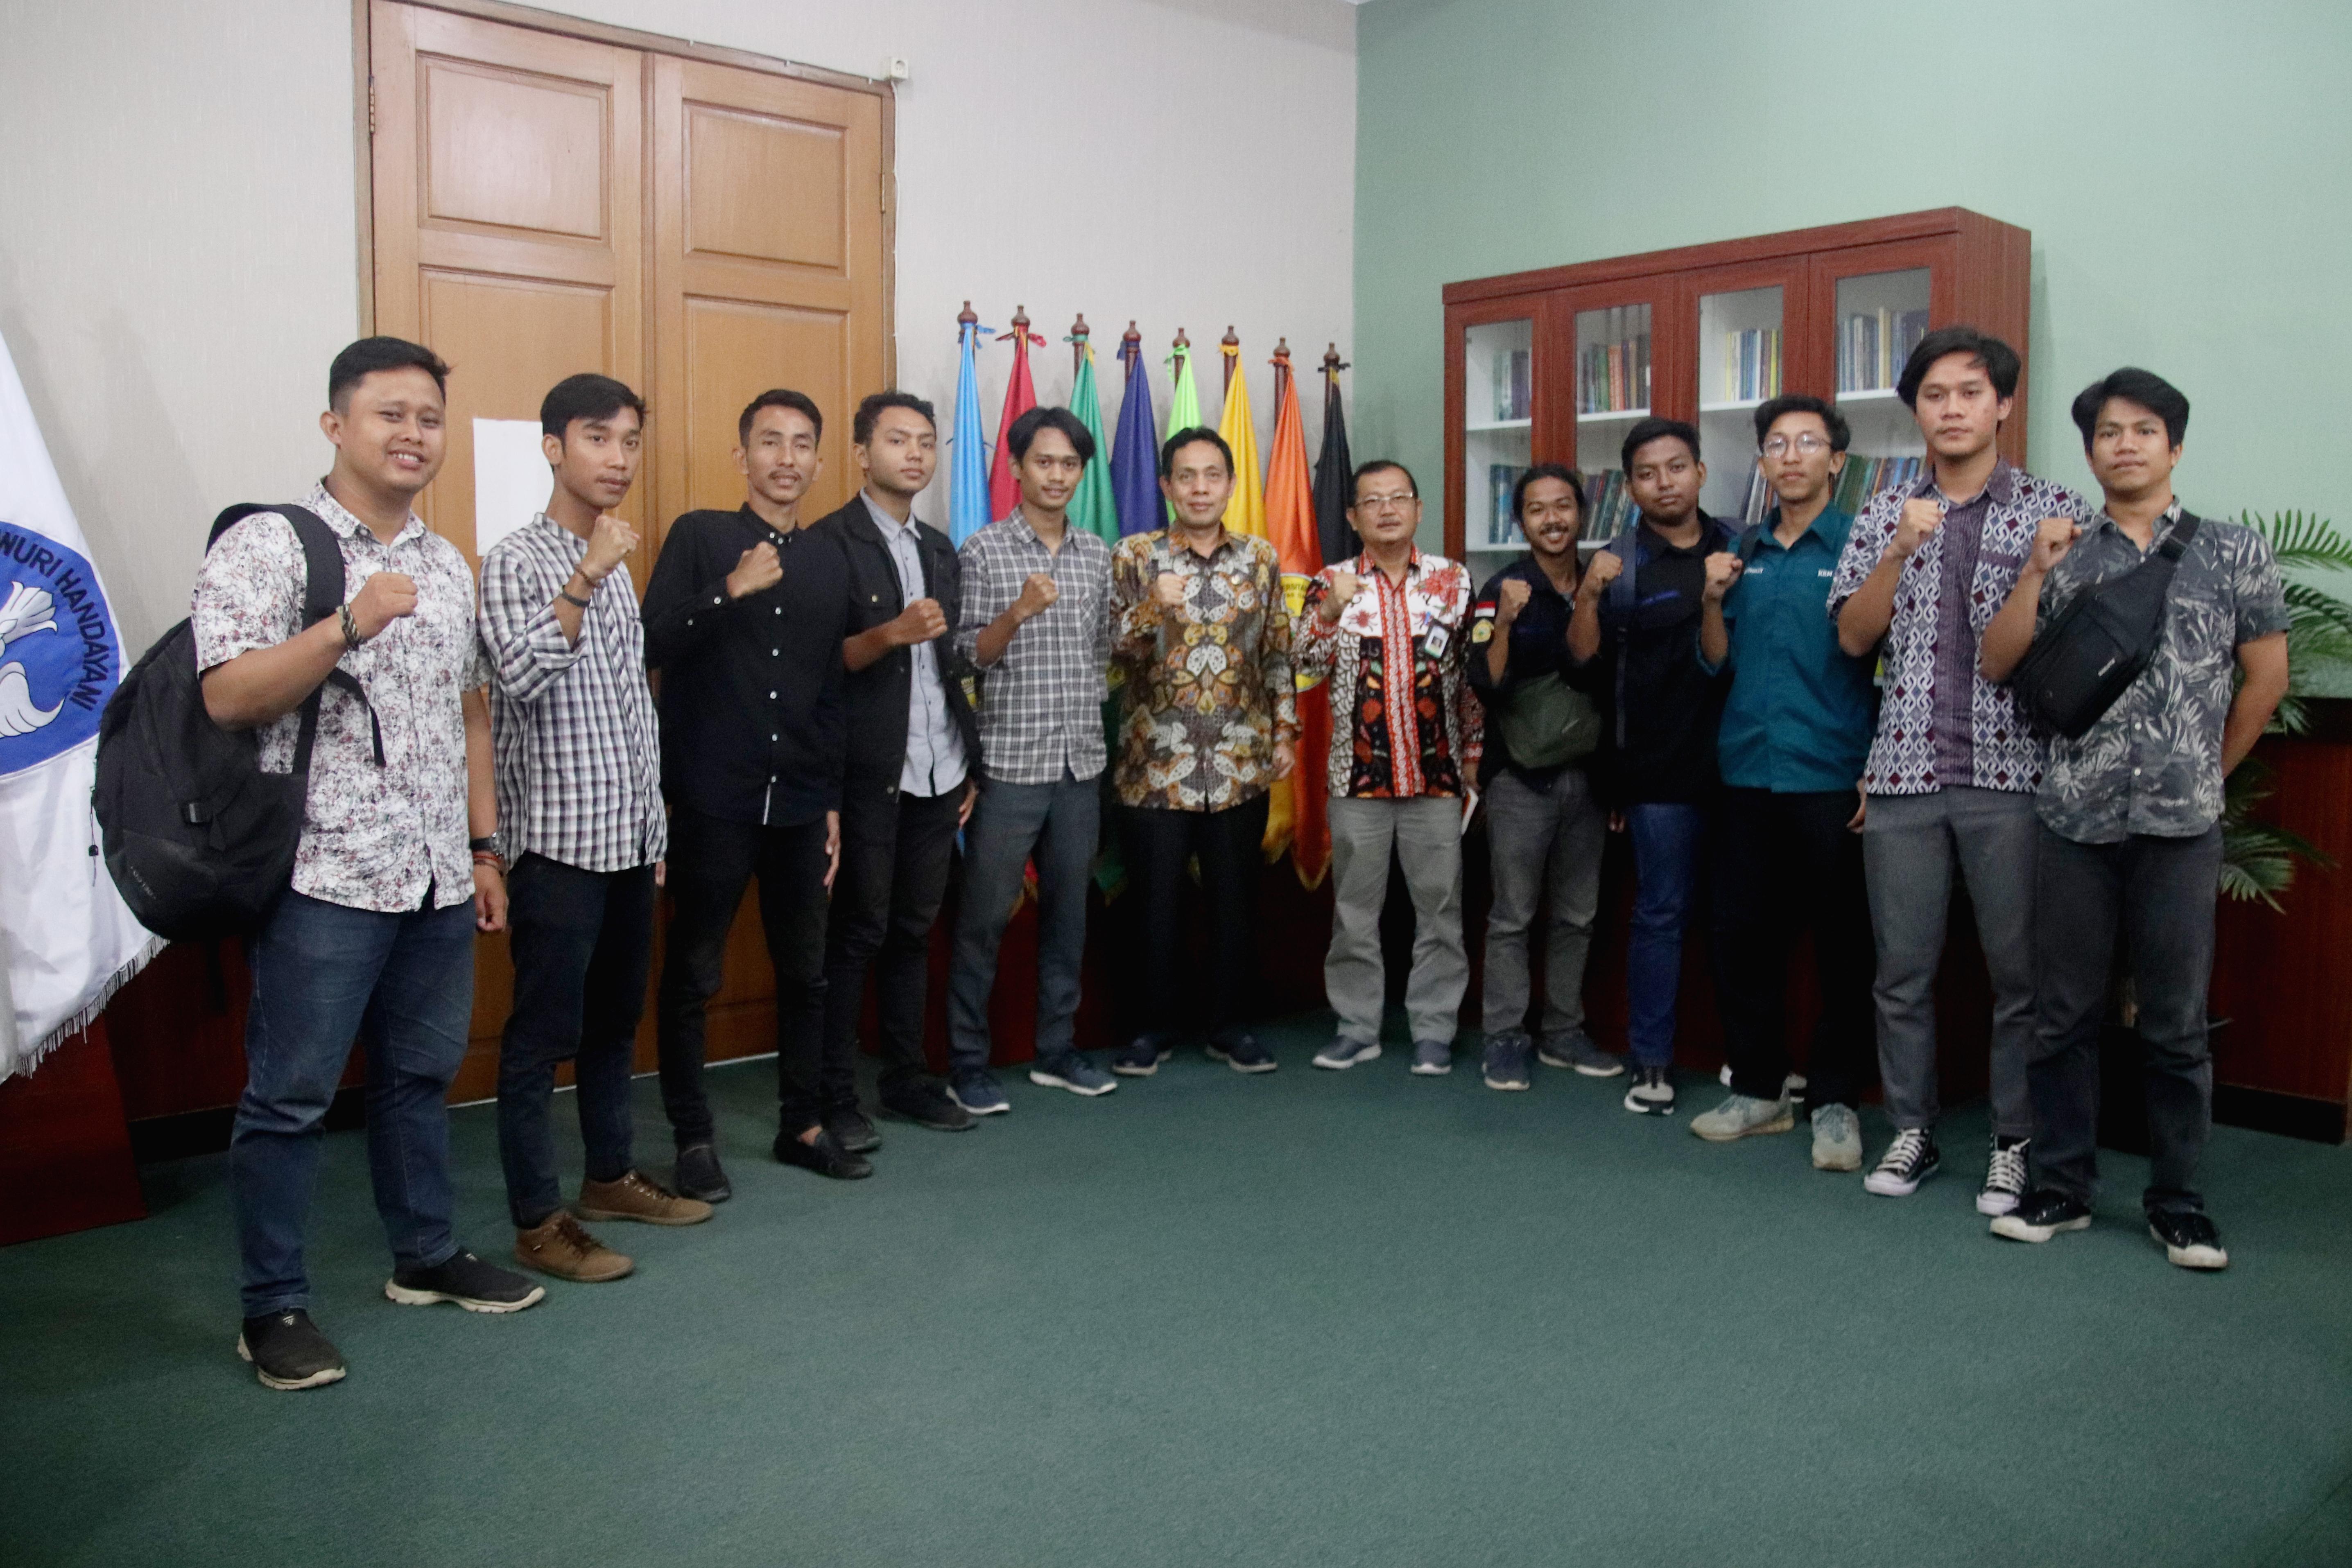 (Bahasa) Rektor Untirta Gelar Audiensi dengan Presma dan Ketua BEM Fakultas perihal Tarif Layanan Fasilitas